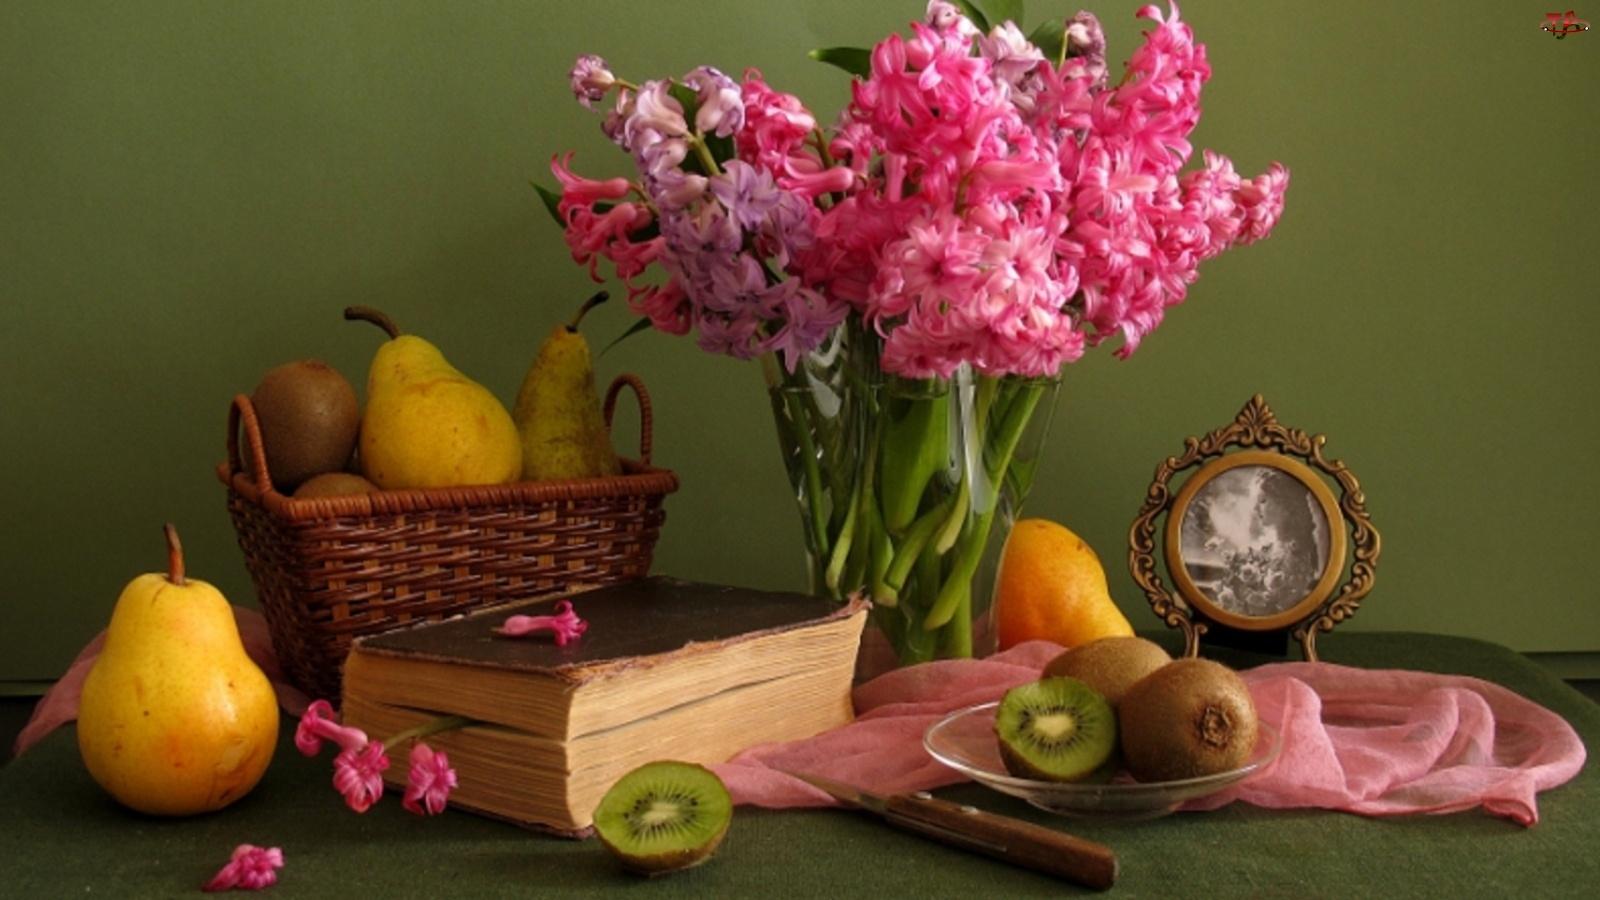 Książki, Hiacynty, Owoce